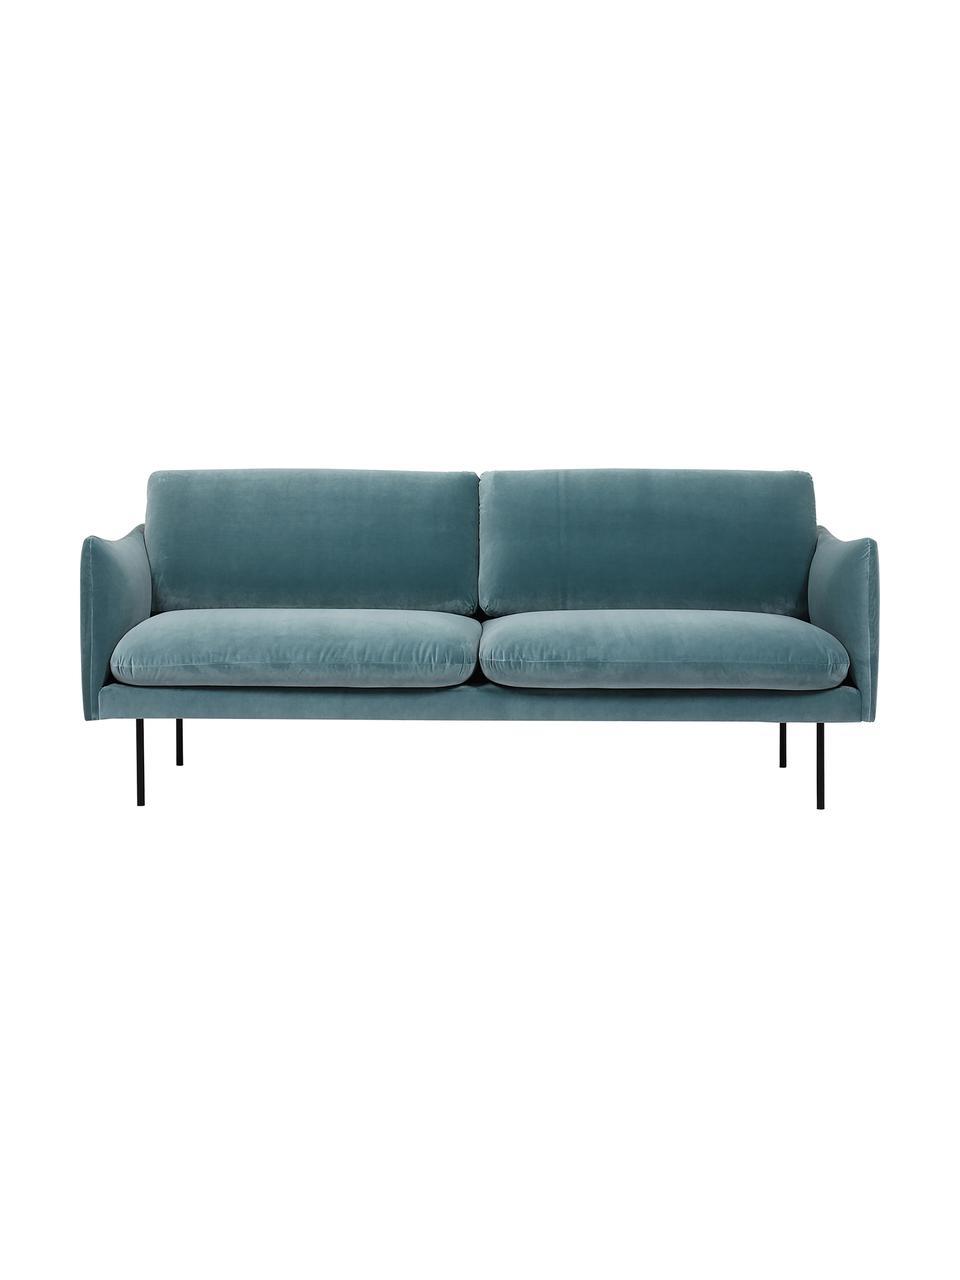 Canapé 2places velours turquoise pieds en métal Moby, Velours turquoise